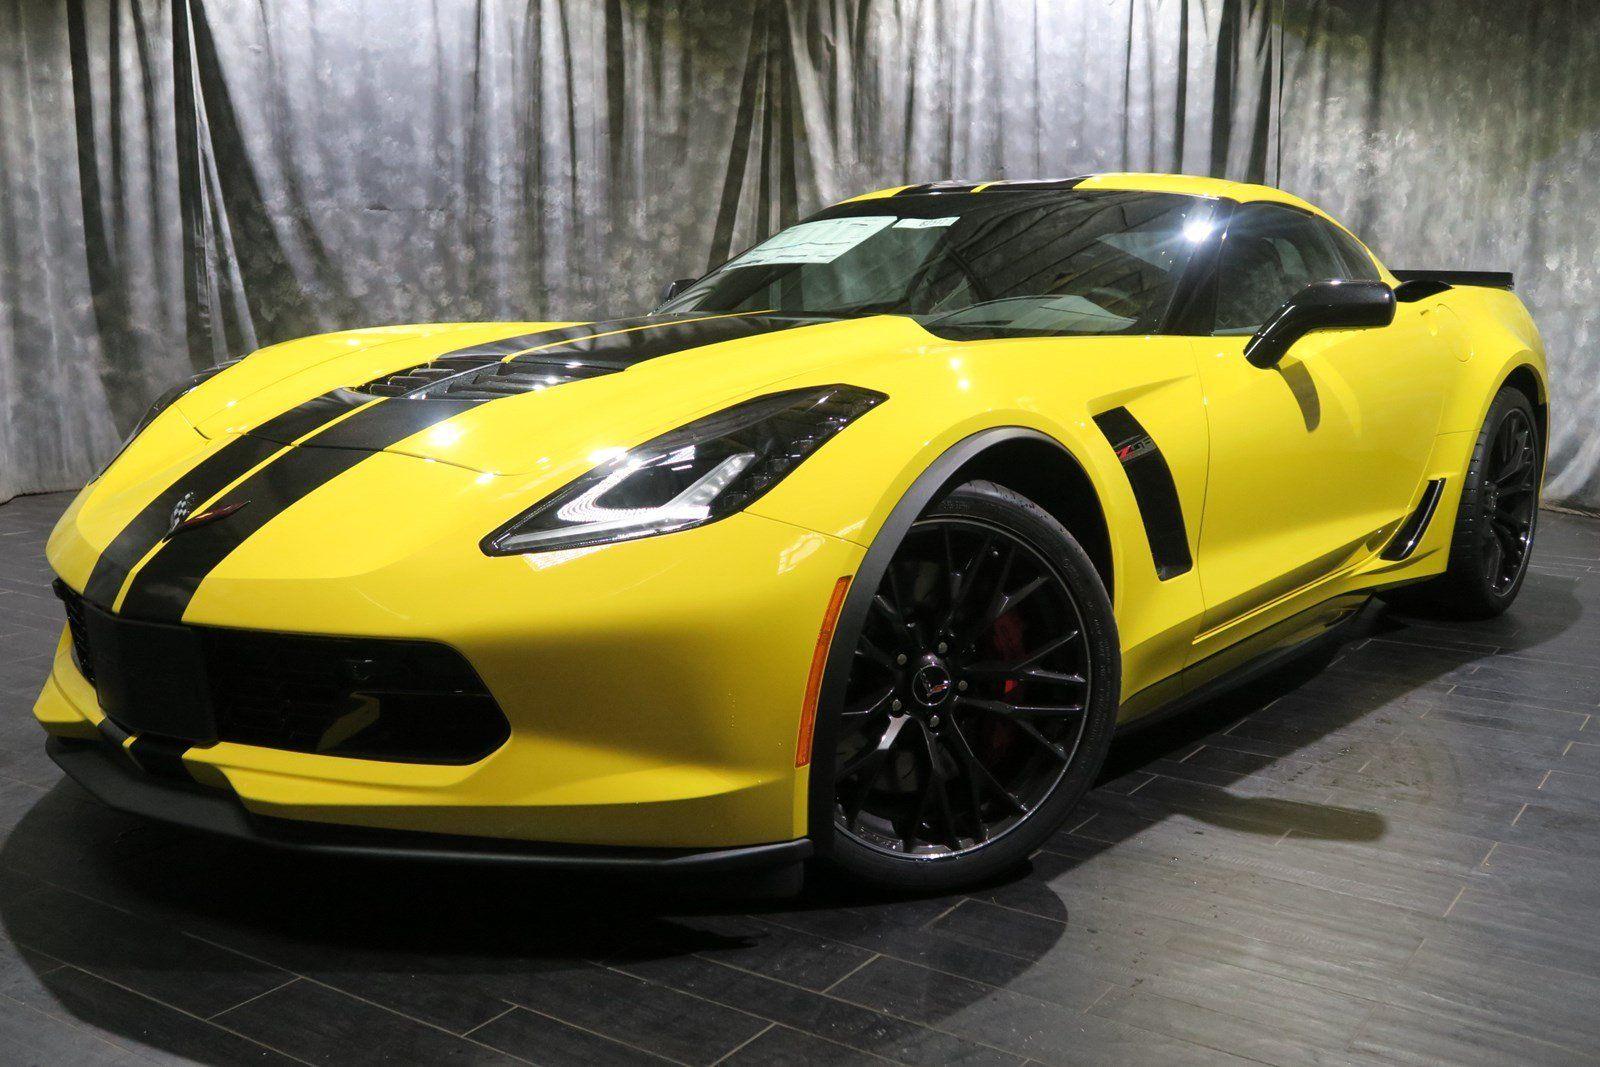 2018 Chevy Corvette Yellow With Reviews At Westside Chevrolet Dealer Houston Tx Chevrolet Corvette Corvette For Sale Corvette